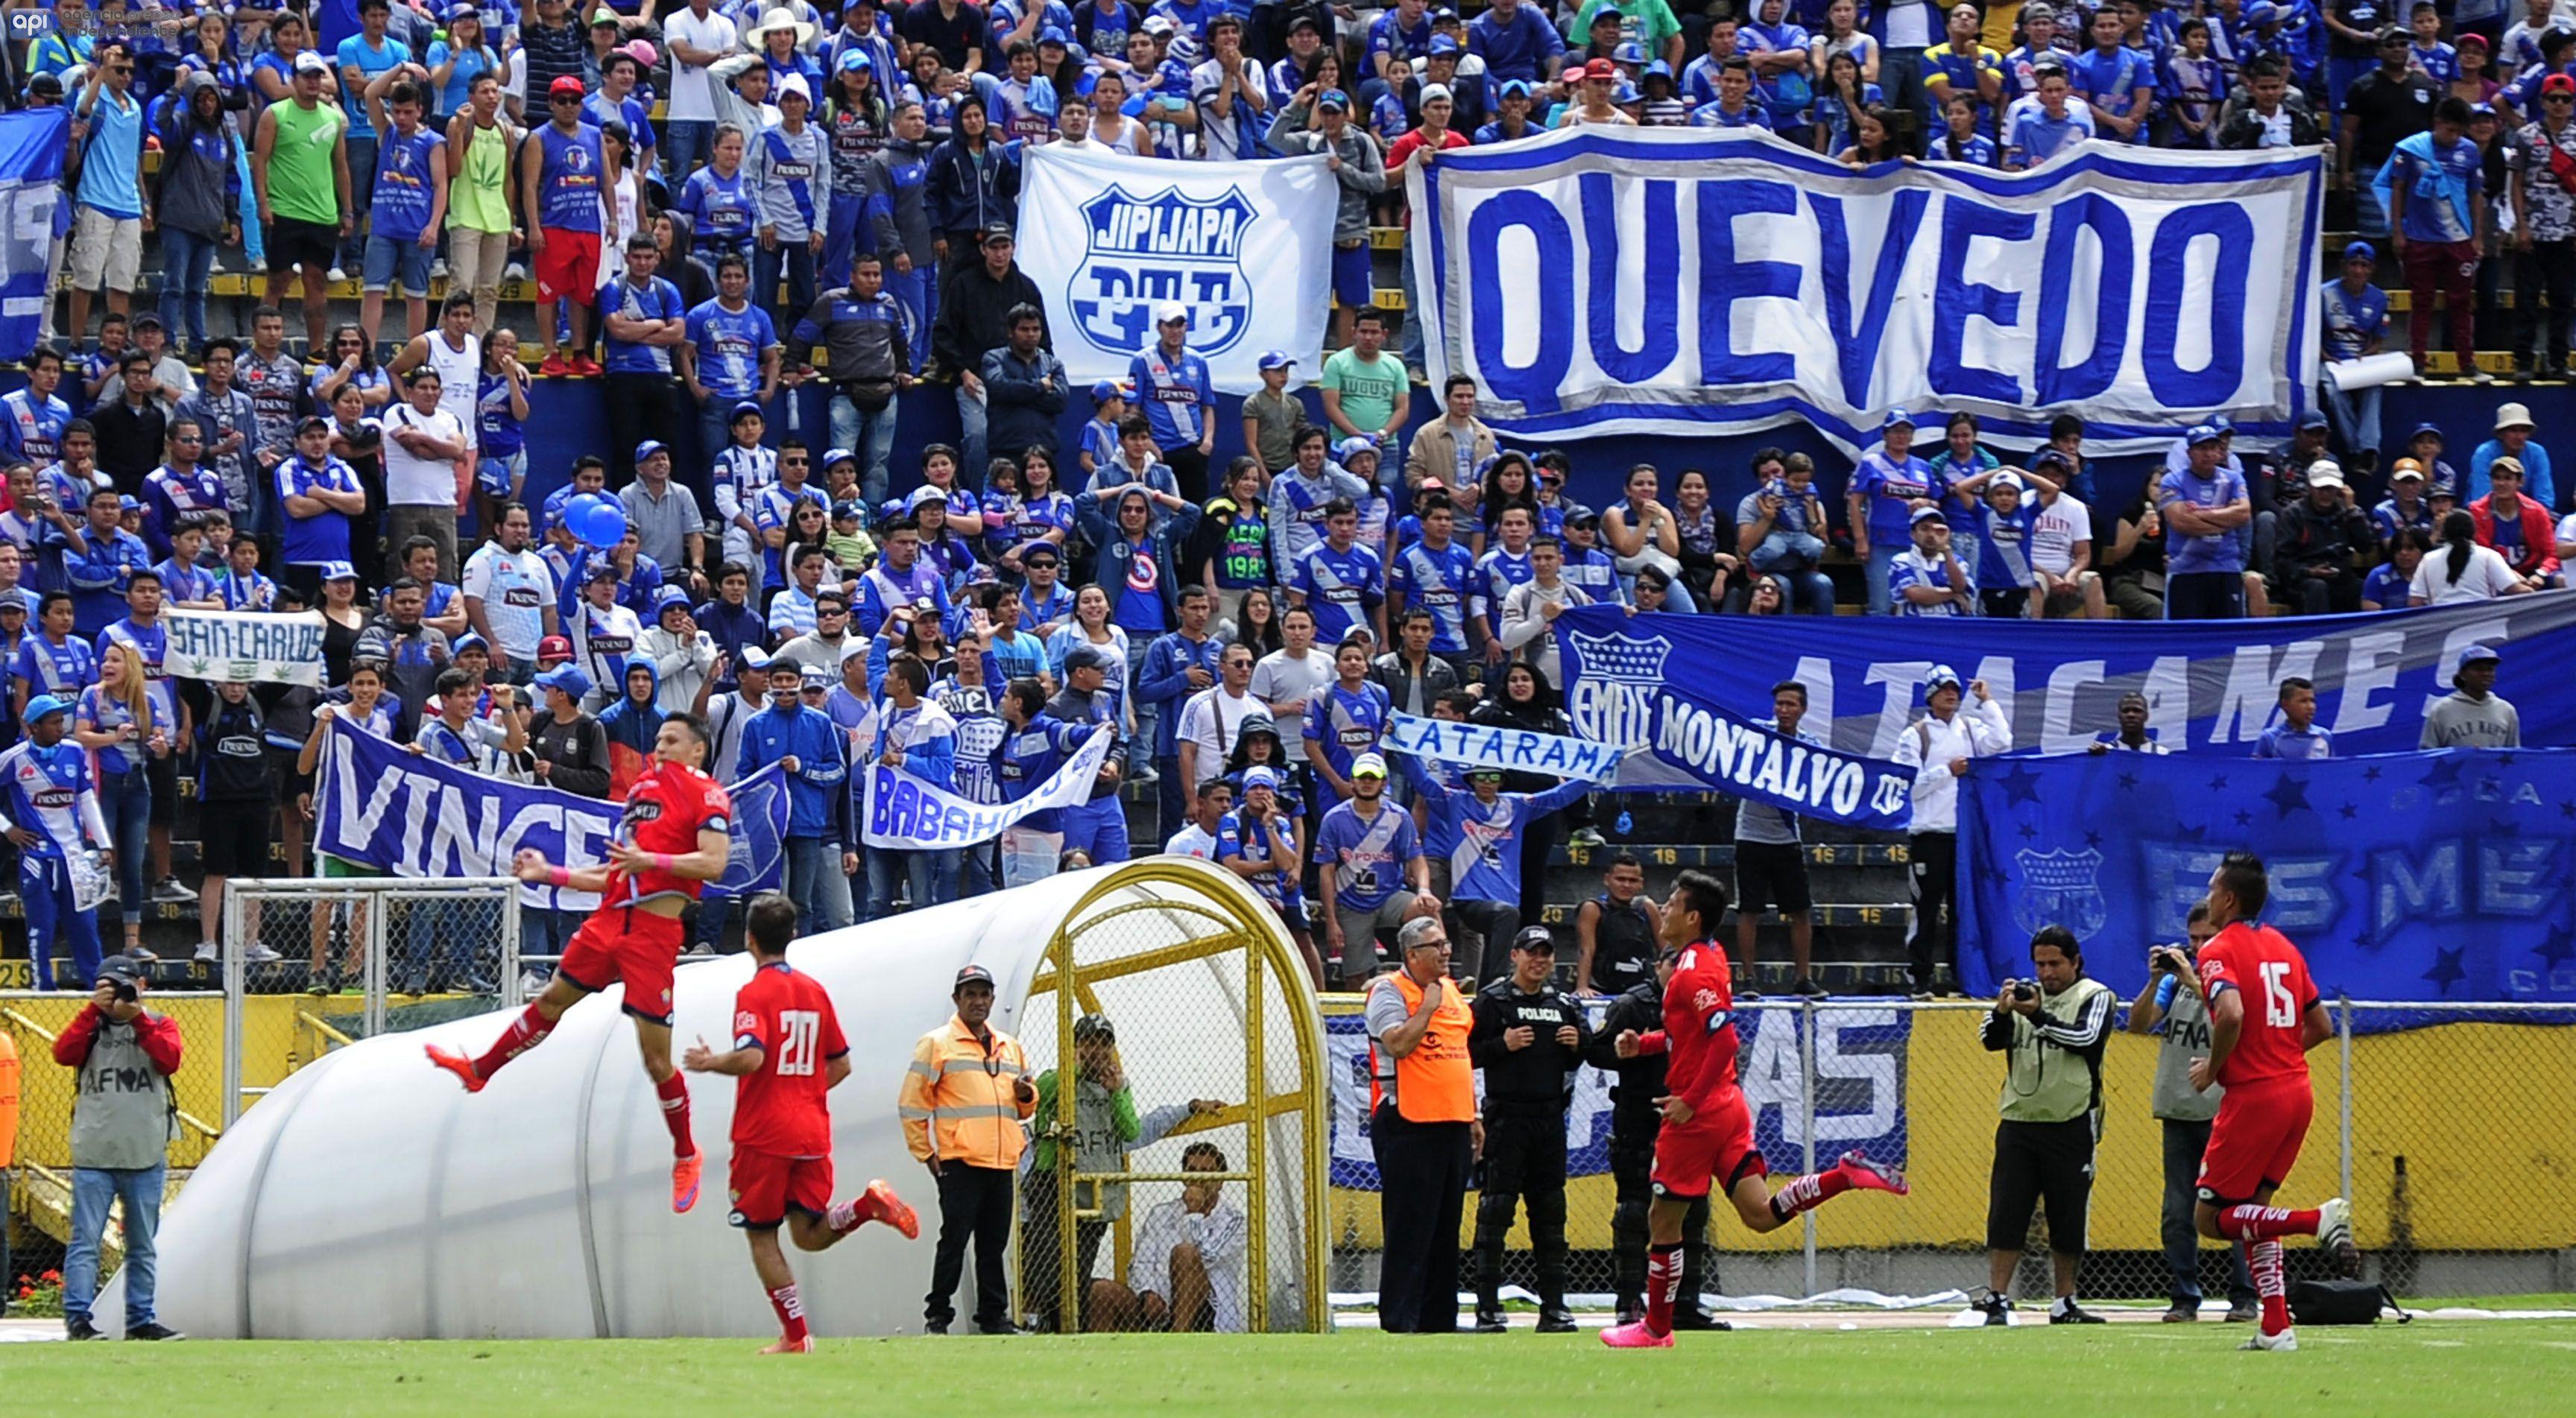 Fabert Balda, de El Nacional, celebra el gol contra Emelec, el 3 de julio de 2016. API